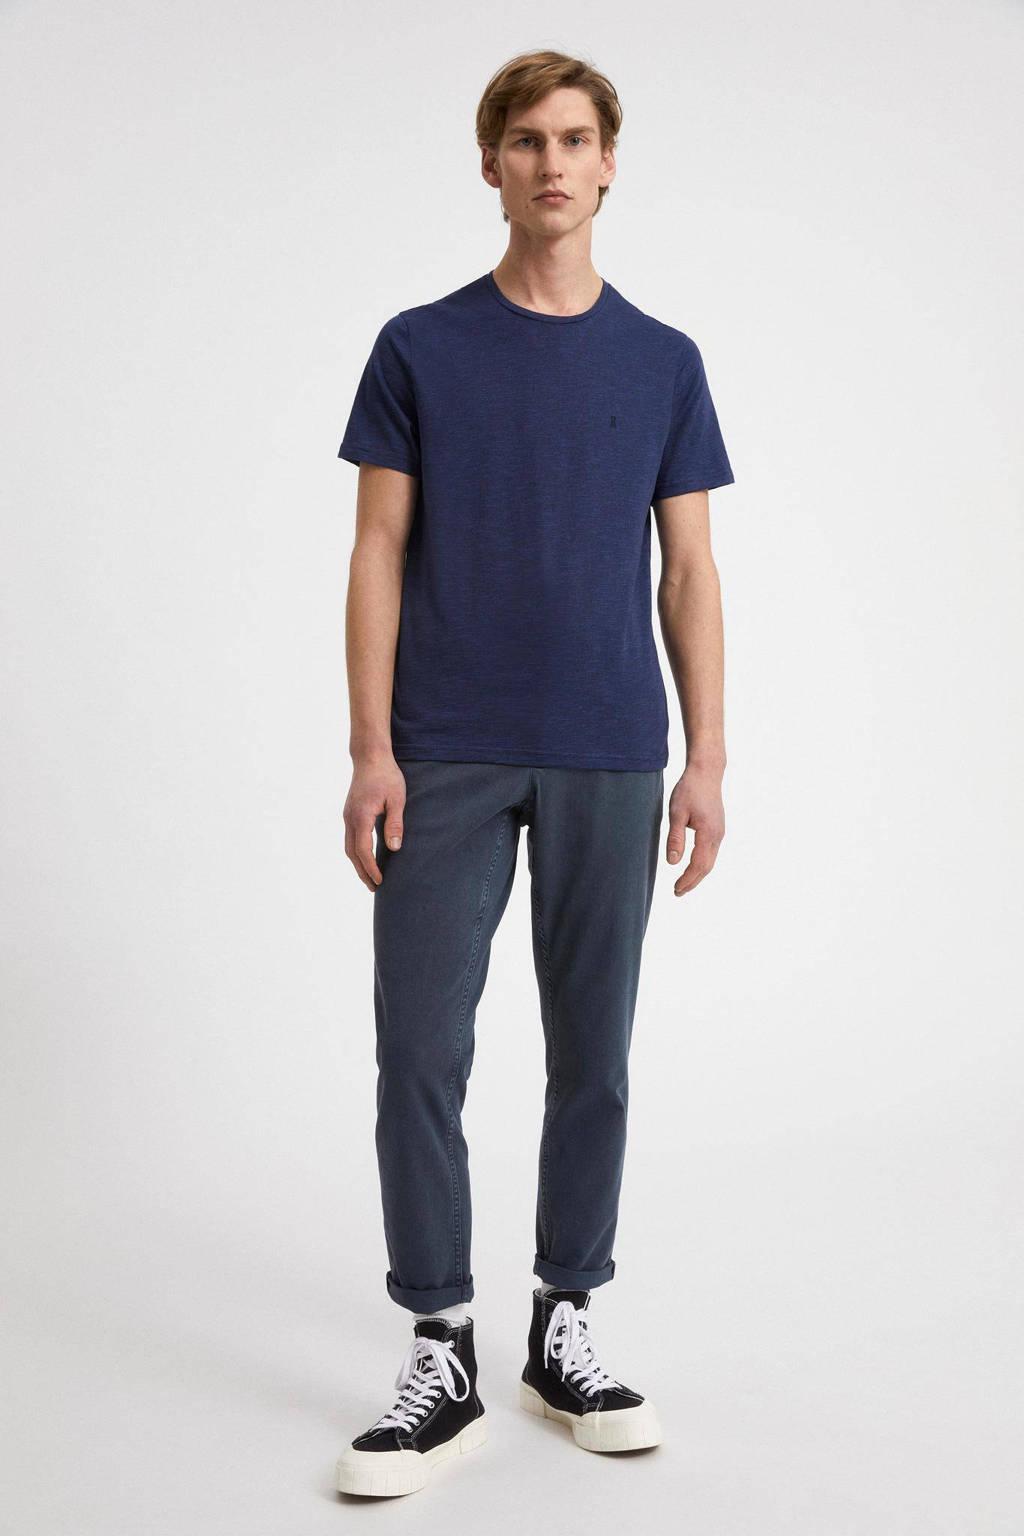 ARMEDANGELS gemêleerde regular fit T-shirt Jaames Structure van biologisch katoen dept navy-marazine blue, Dept navy-marazine blue